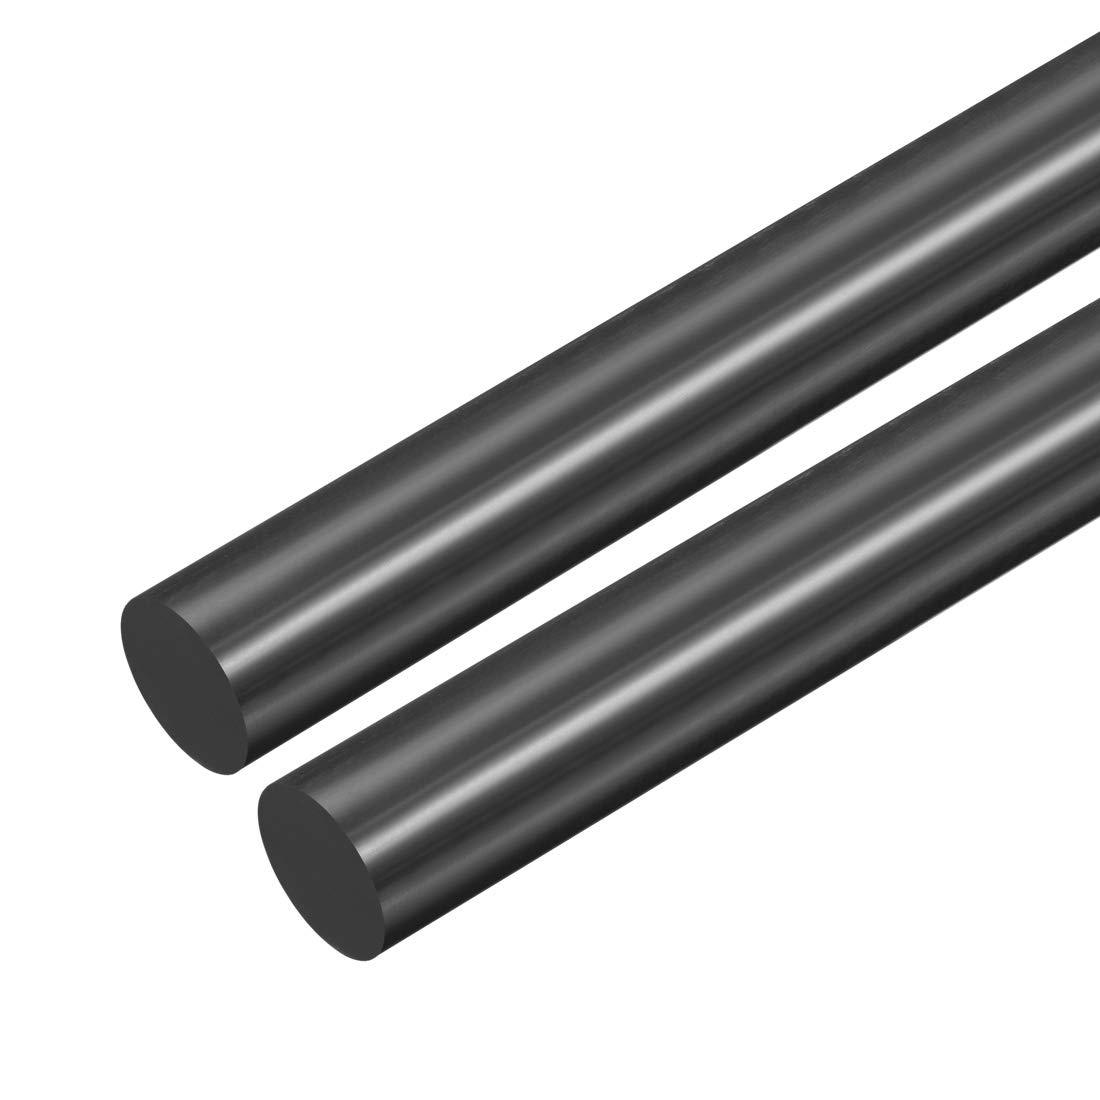 Schwarz Plastik Rundstab POM Stab Rundstange Technisch Kunststoff 21mm D sourcing map 2 Stk